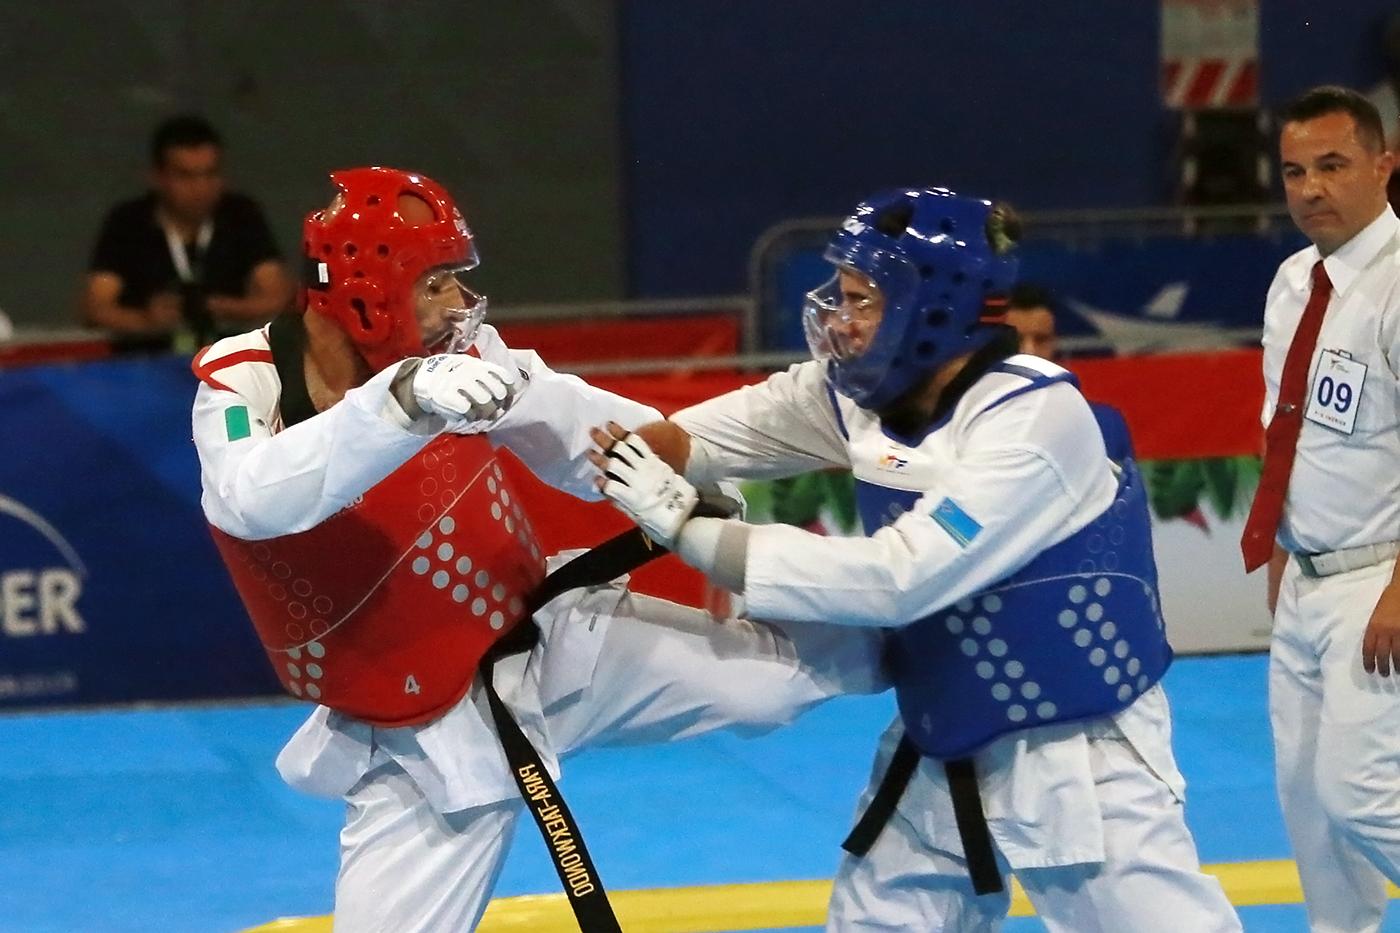 /cms/uploads/image/file/640959/Francisco_Pedroza__para_taekwondo__3_.jpg